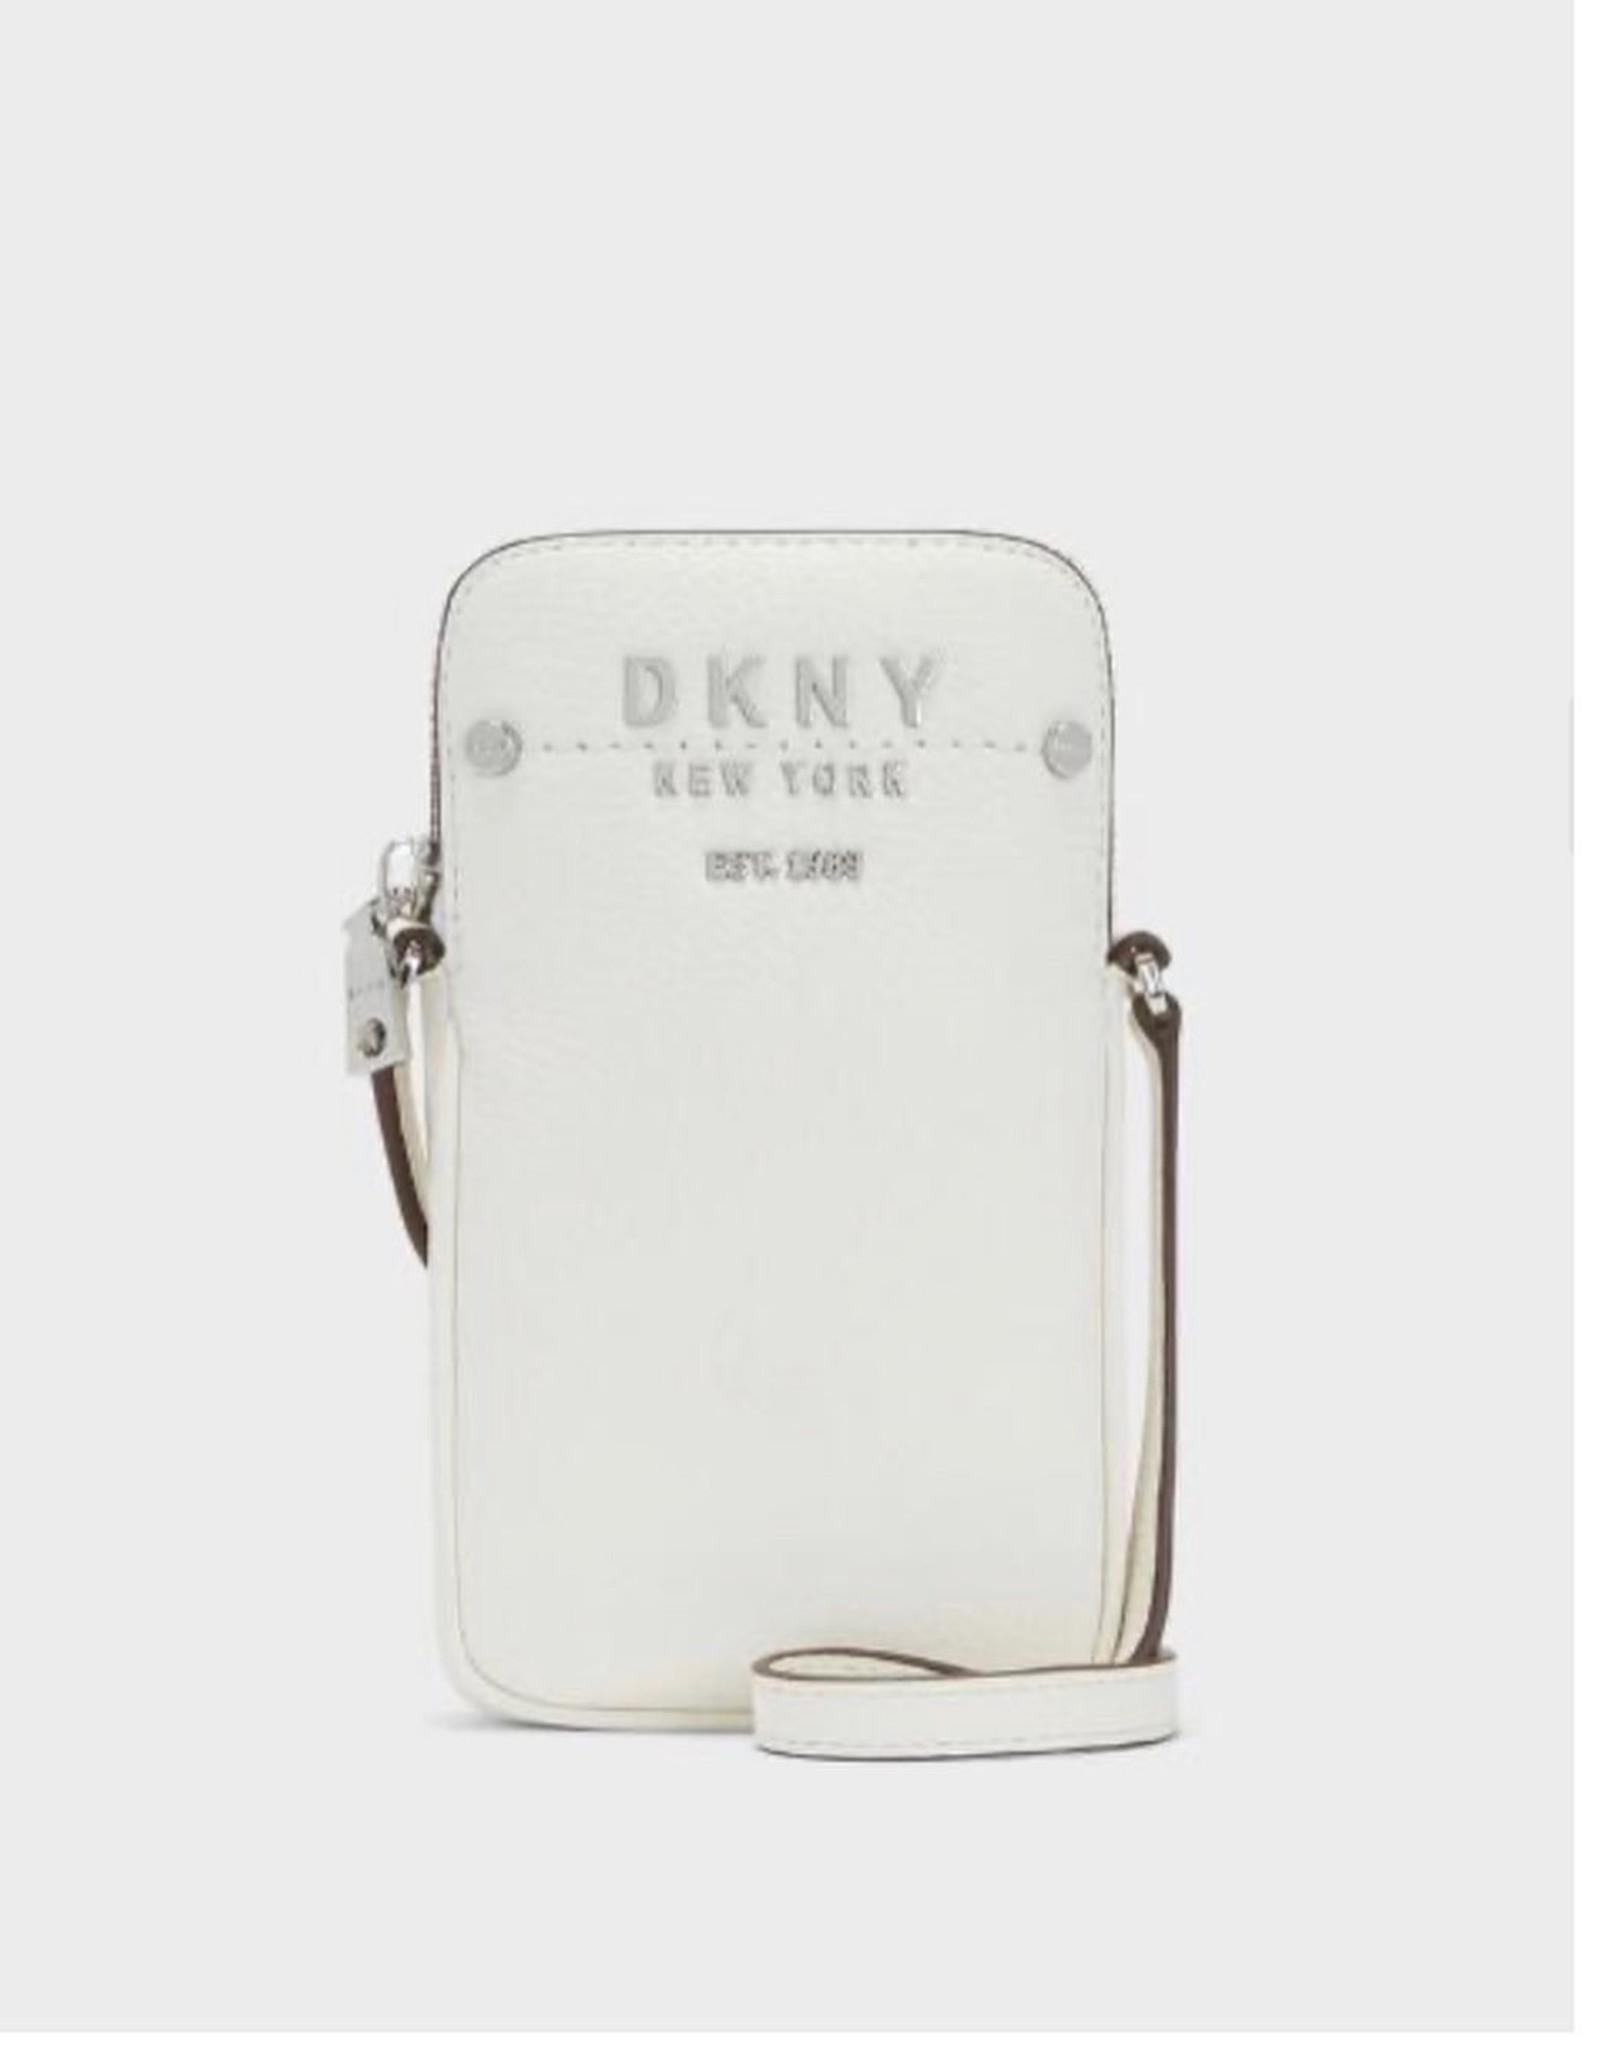 DKNY DKNY Thompson Phone Crossbody